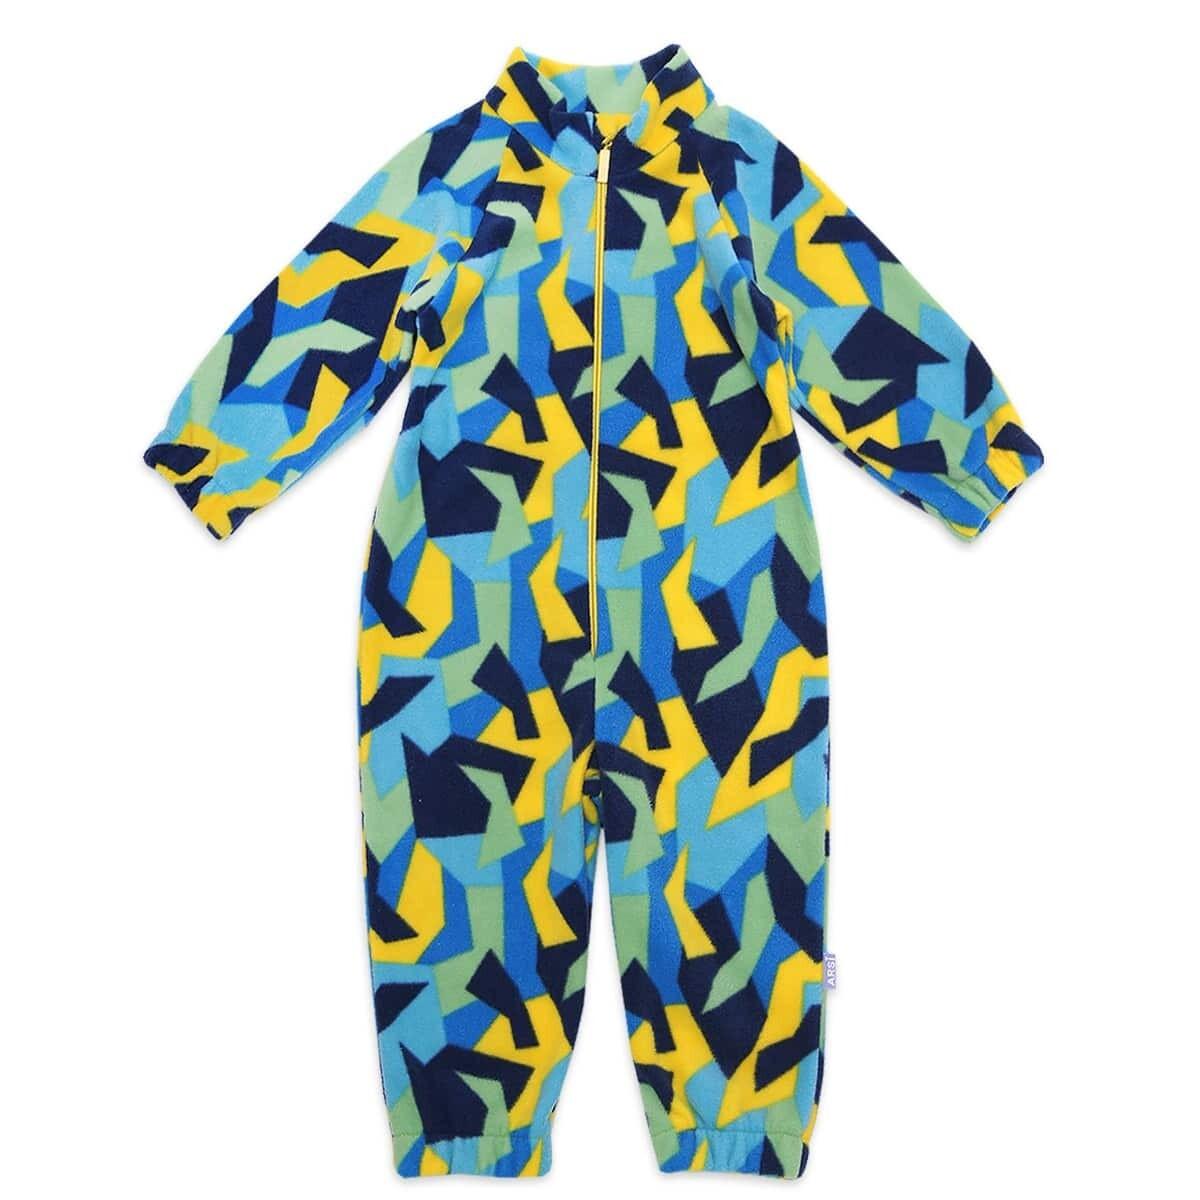 Комбинезон флисовый FLISIK, сине-жёлтая геометрия